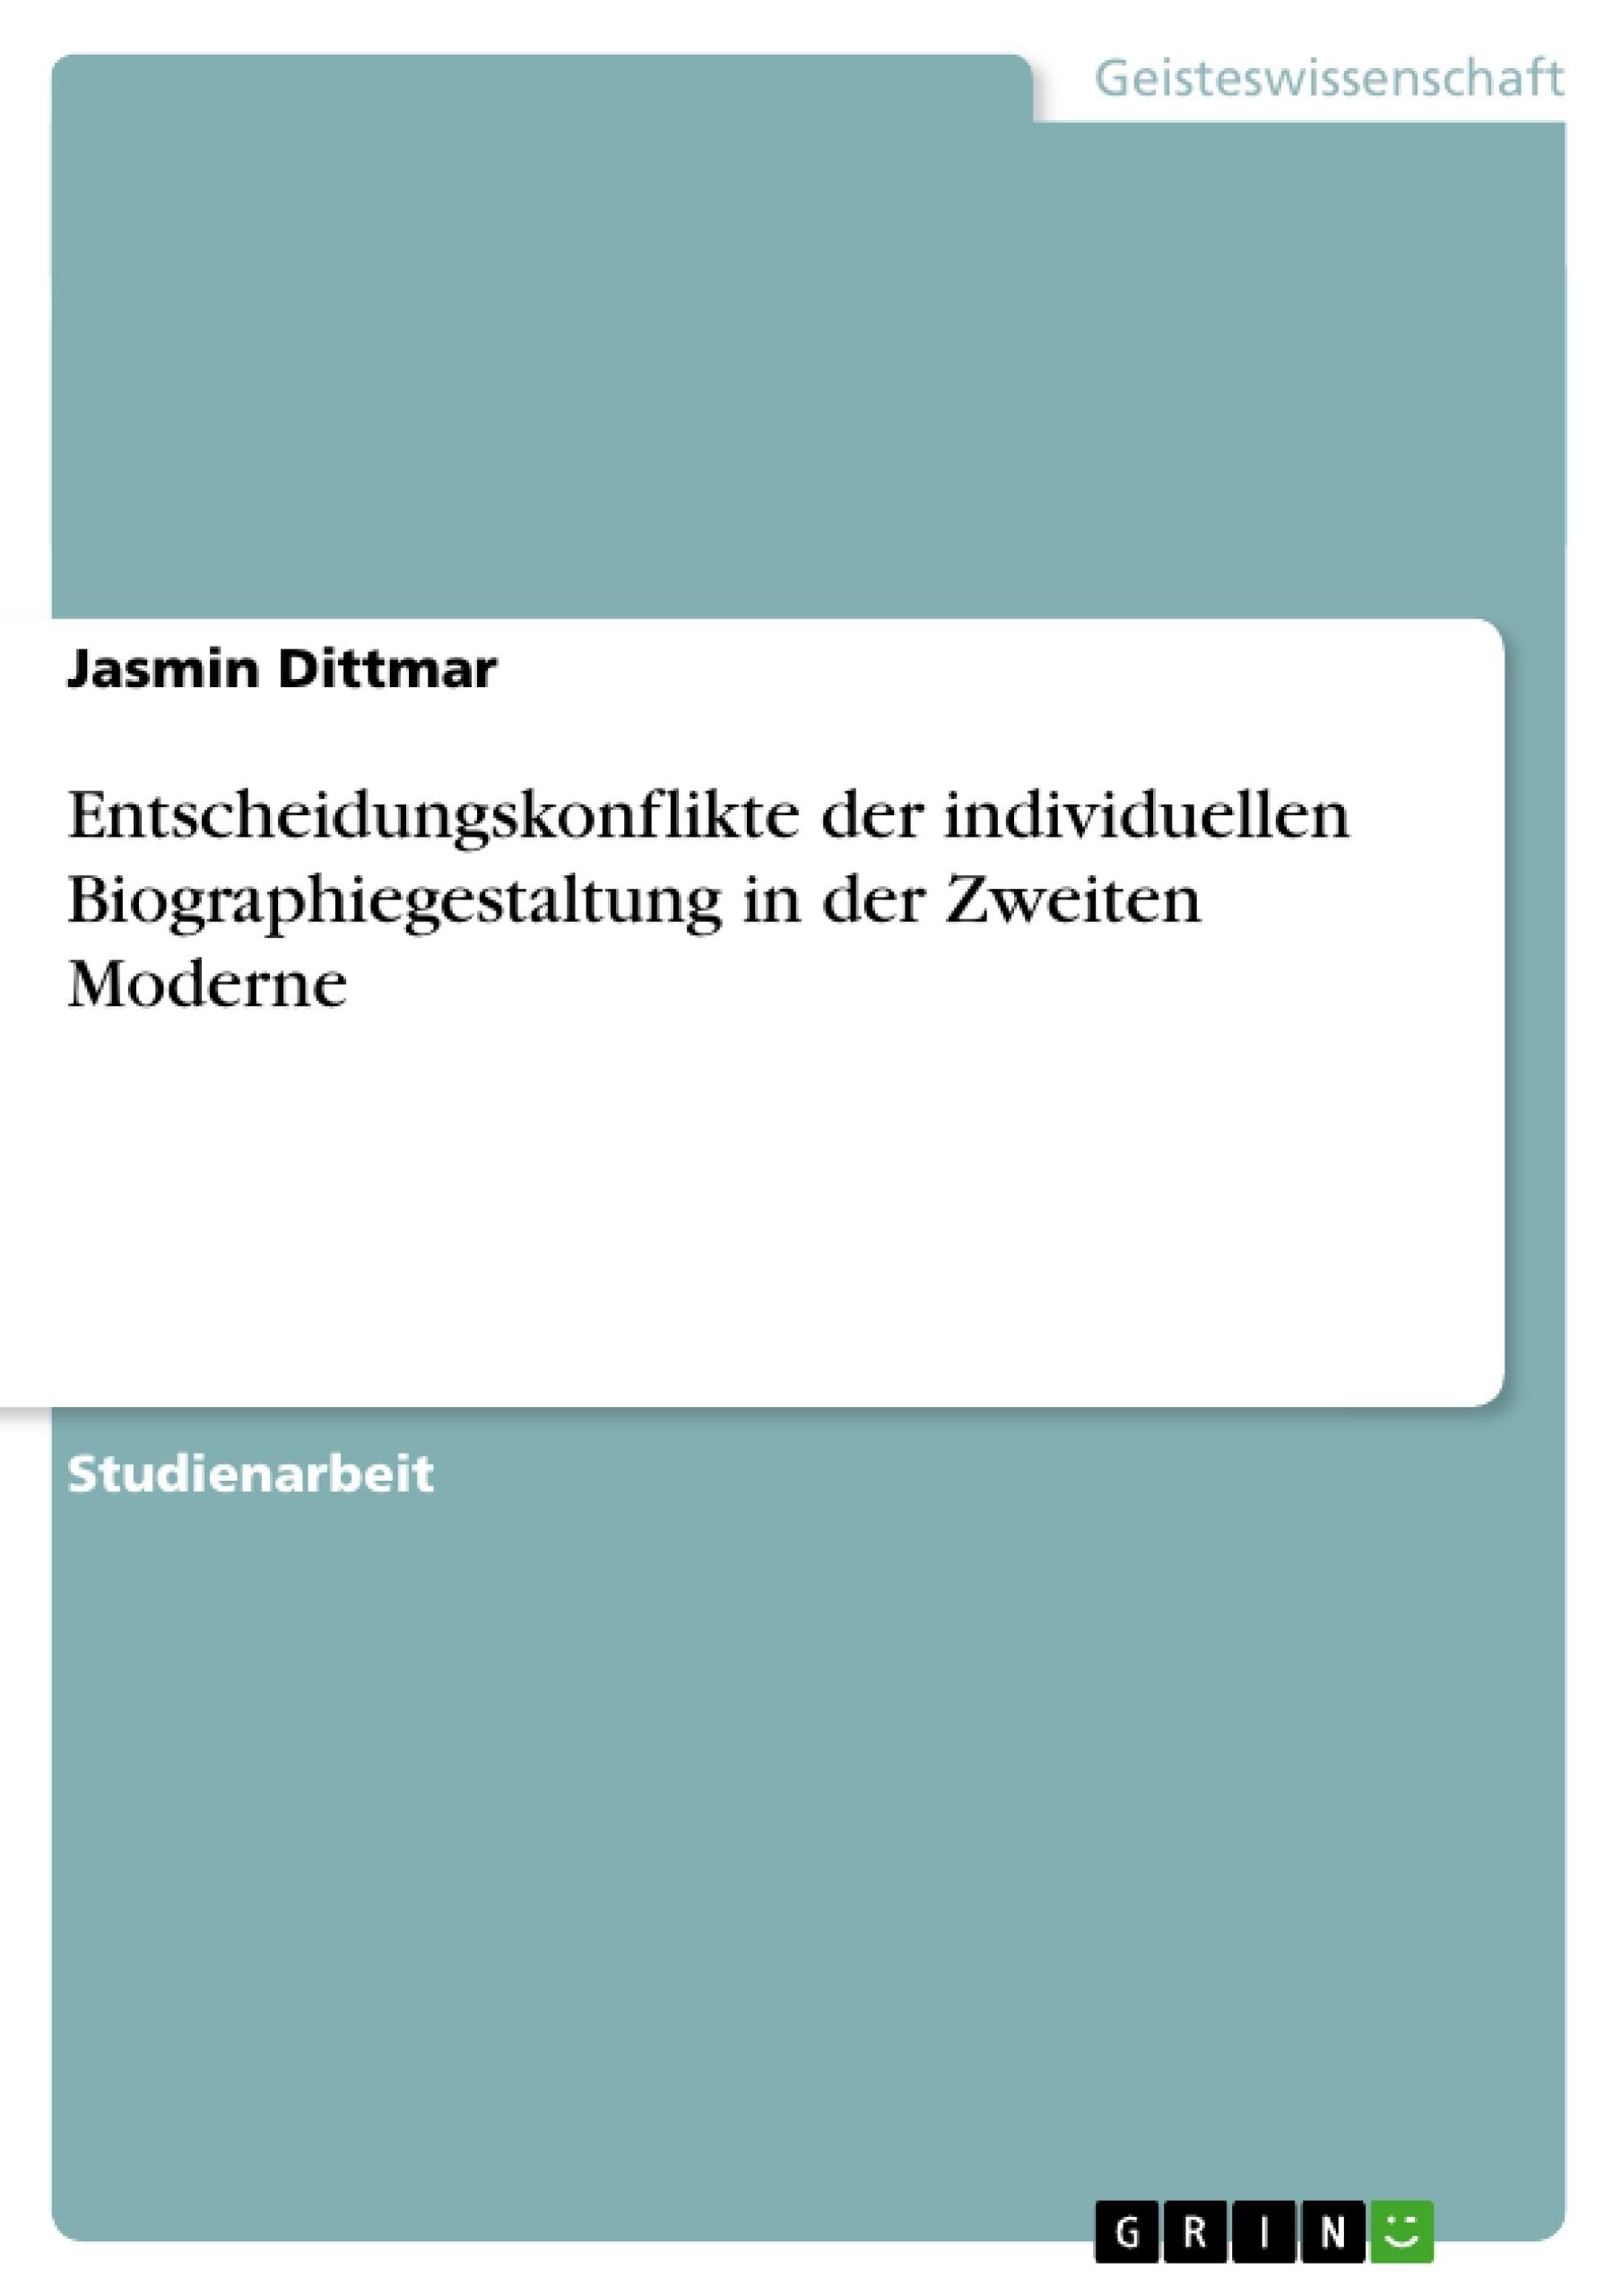 Titel: Entscheidungskonflikte der individuellen Biographiegestaltung in der Zweiten Moderne